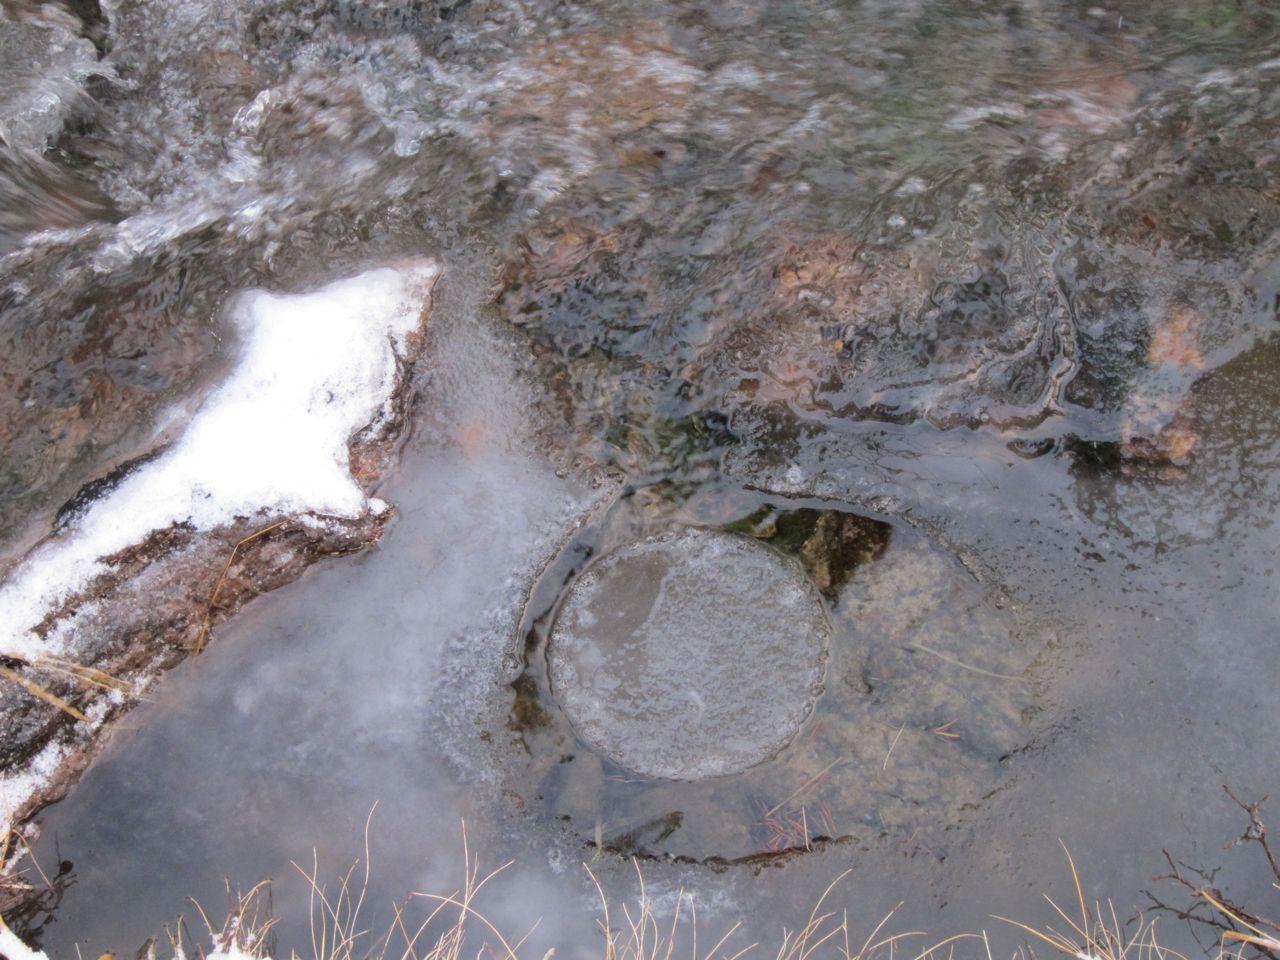 pyörivä jääkiekko purossa